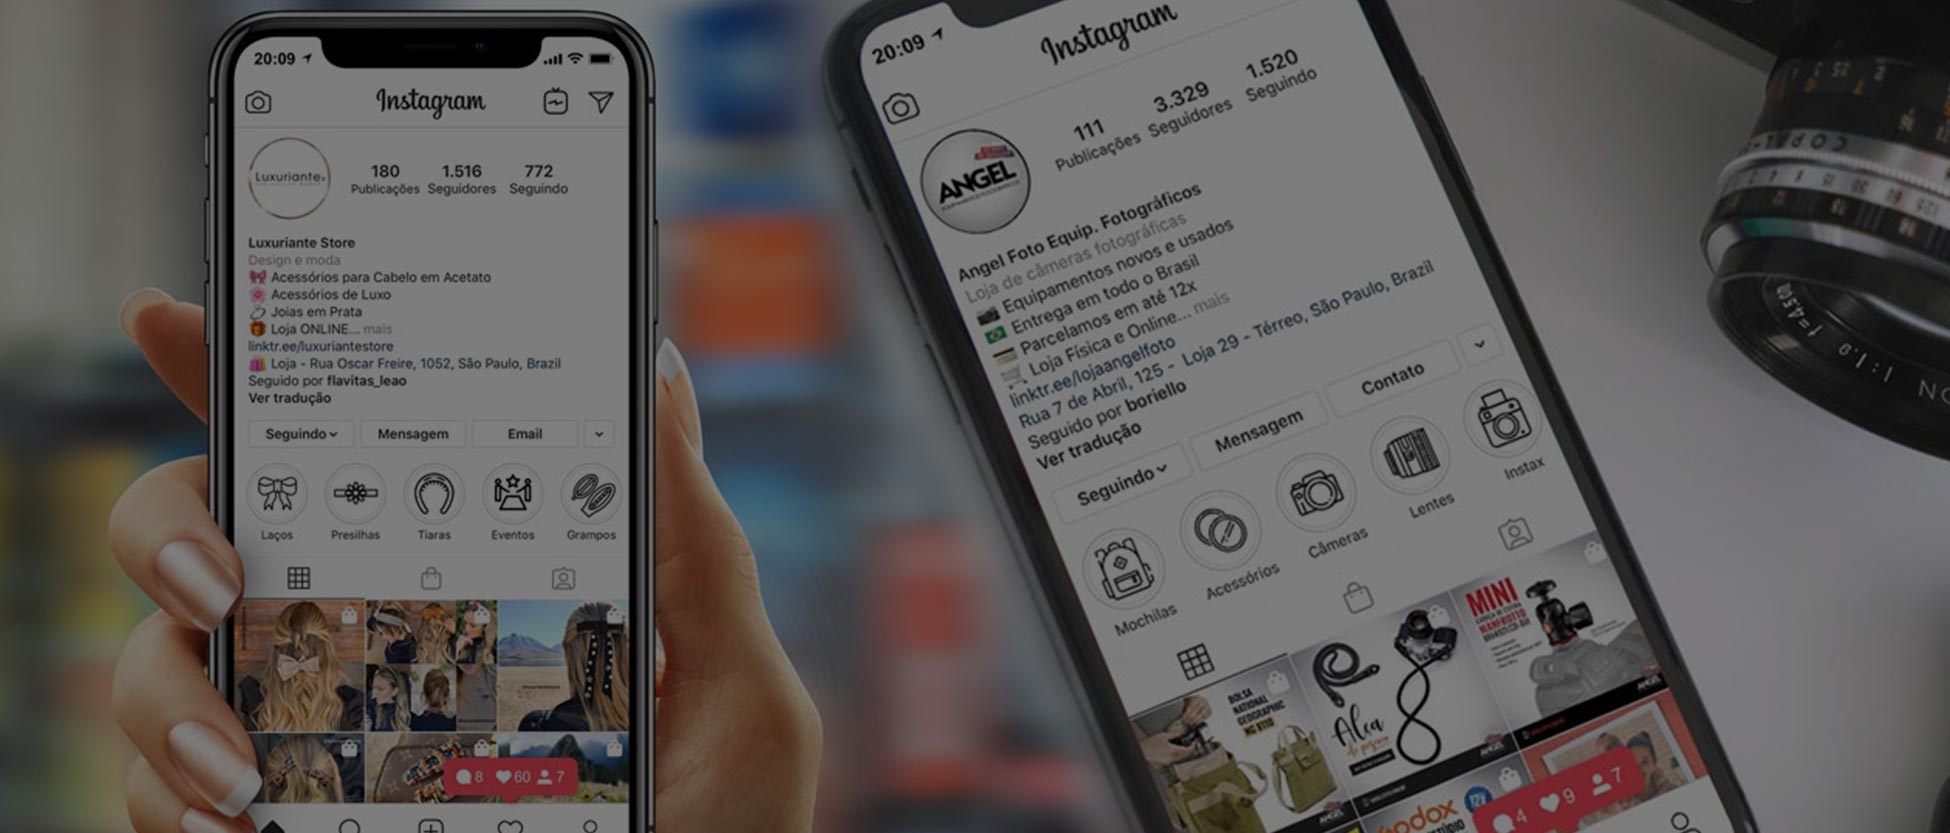 mkt-digital-instagram-mkt-comunicacao-desenvolvimento-web